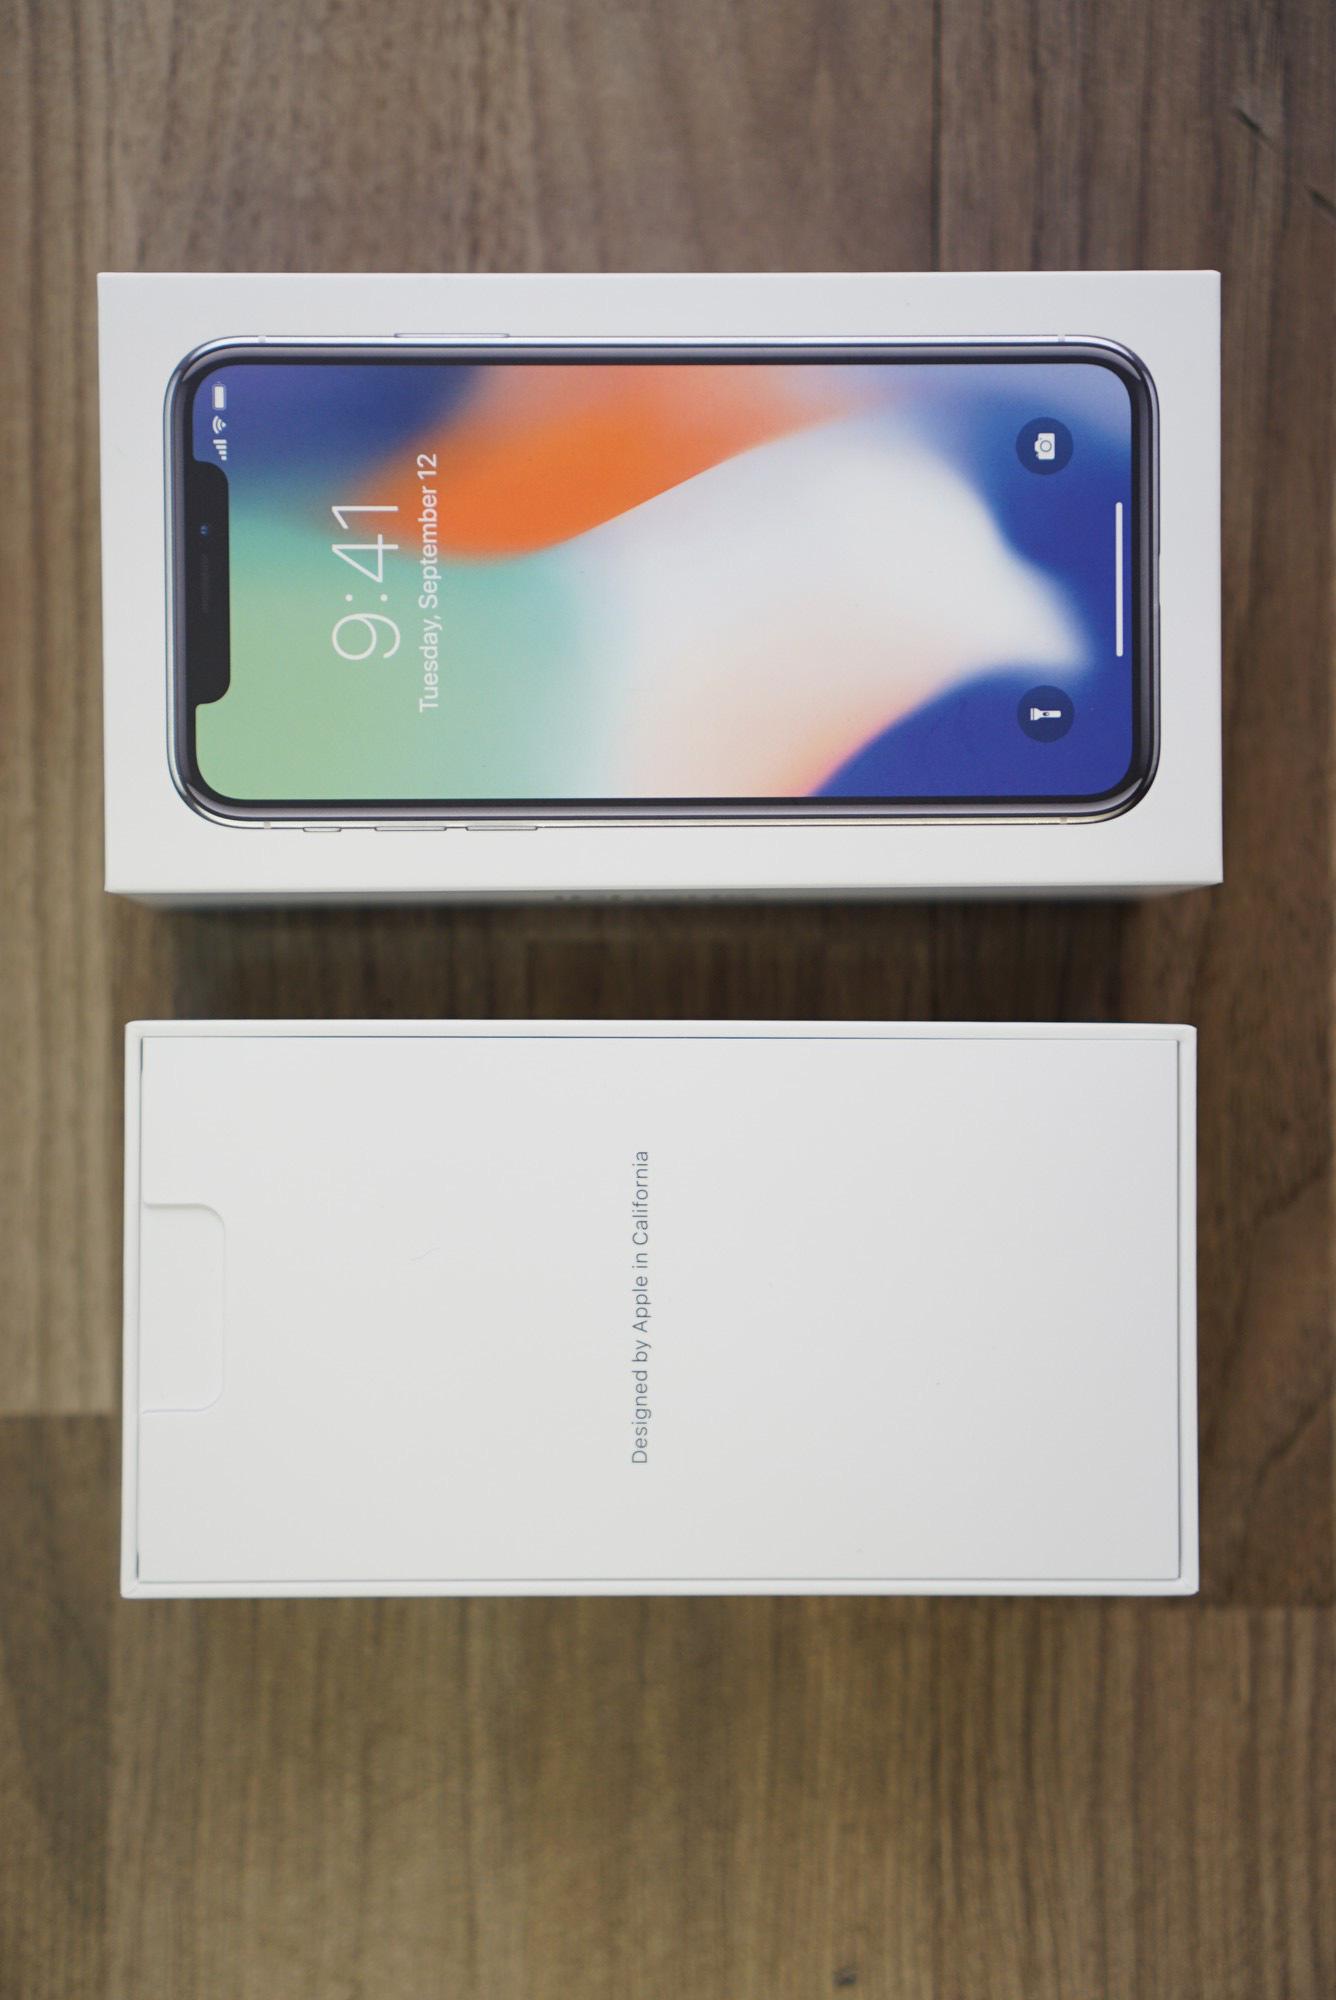 iPhone X giá 68 triệu đây rồi: Màn hình đẹp sắc sảo, thiết kế toàn diện, thao tác hoàn toàn mới - Ảnh 2.